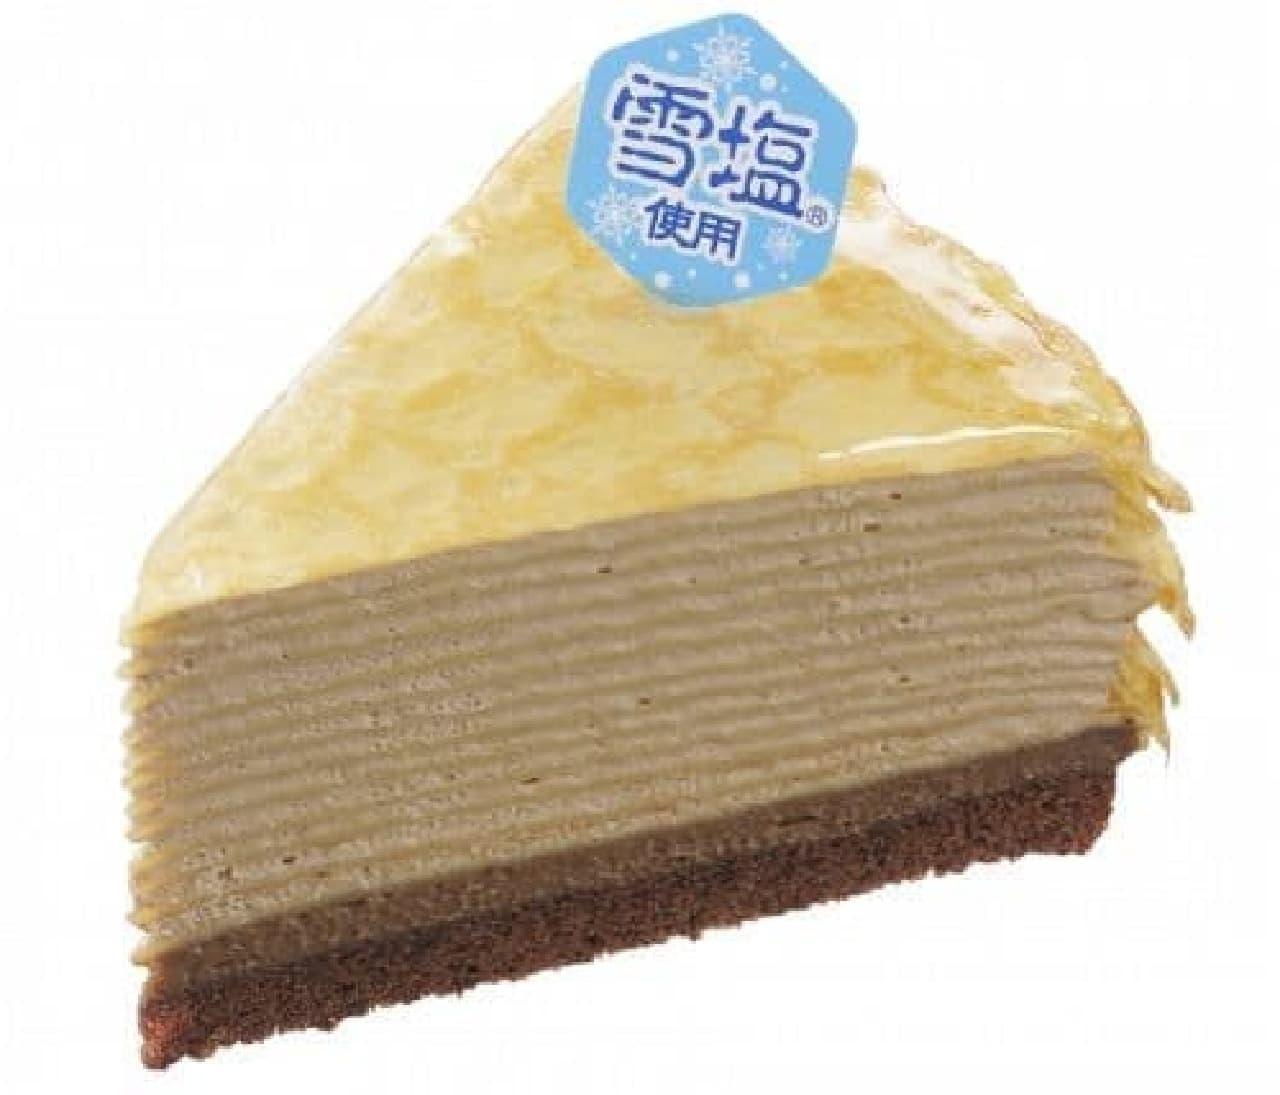 銀座コージーコーナー「雪塩のチョコミルクレープ」